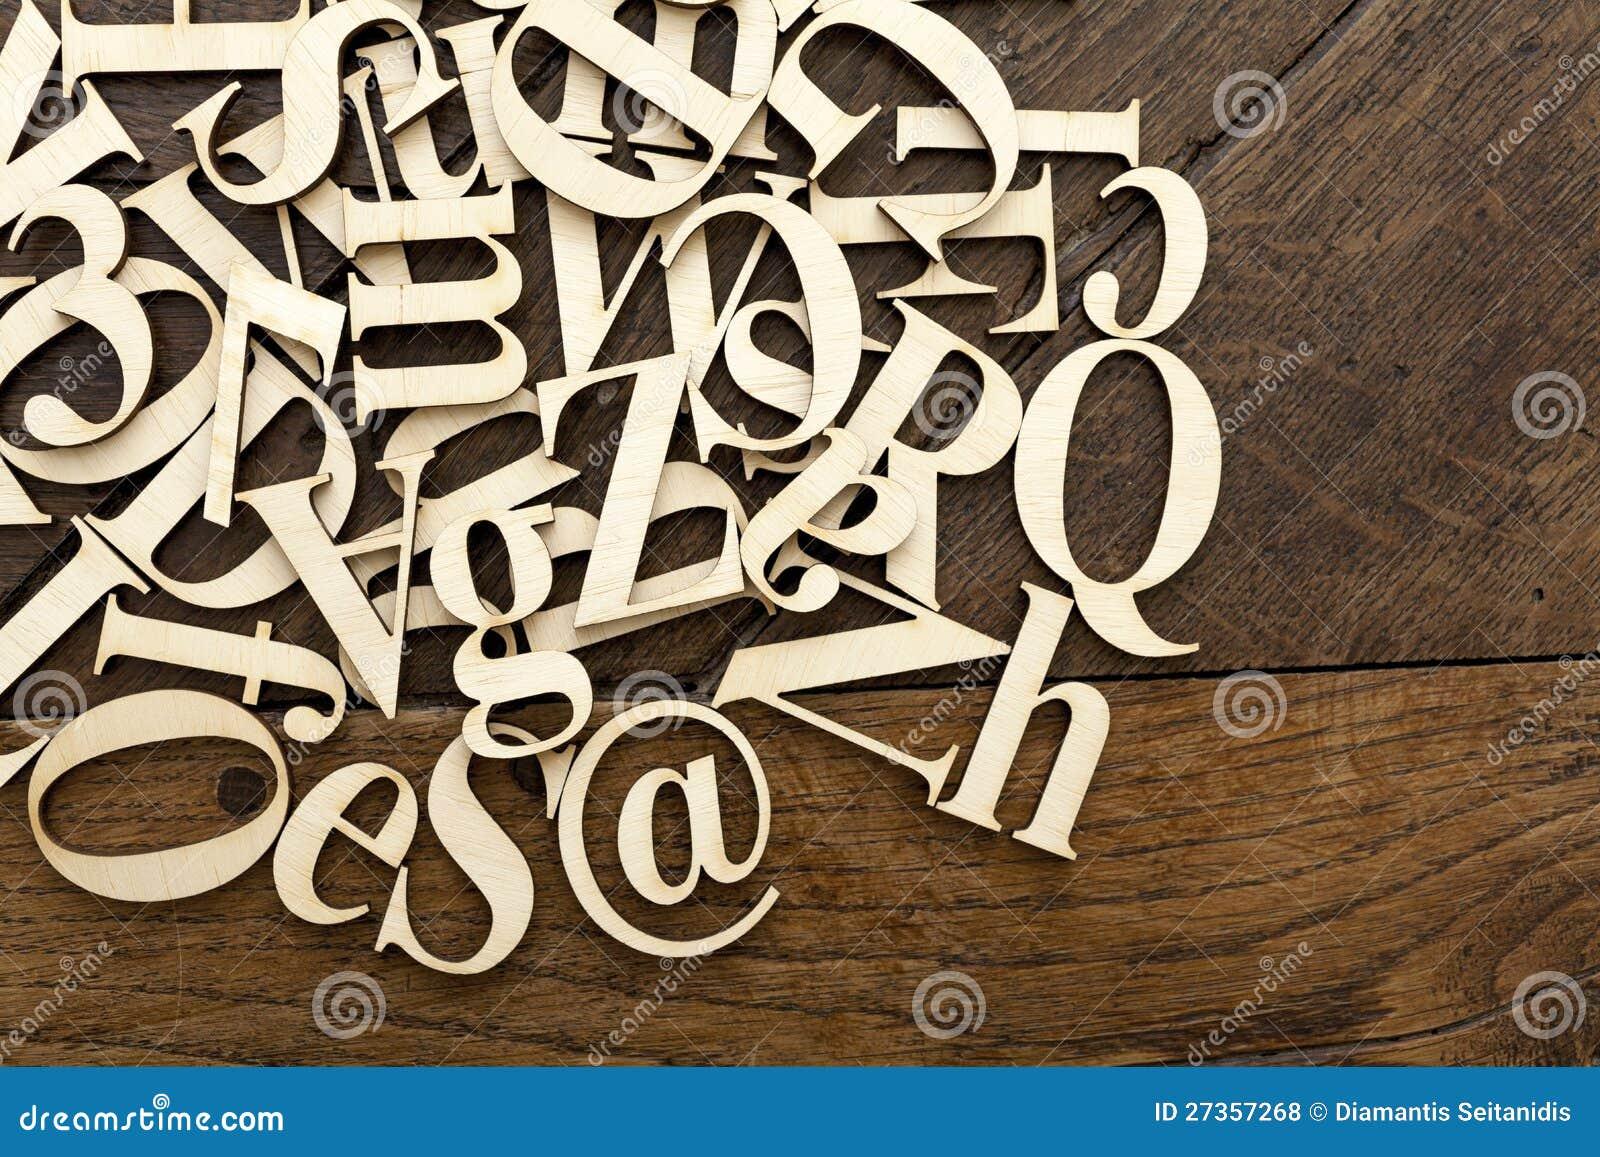 Lettere di legno di alfabeto su vecchia superficie di legno.